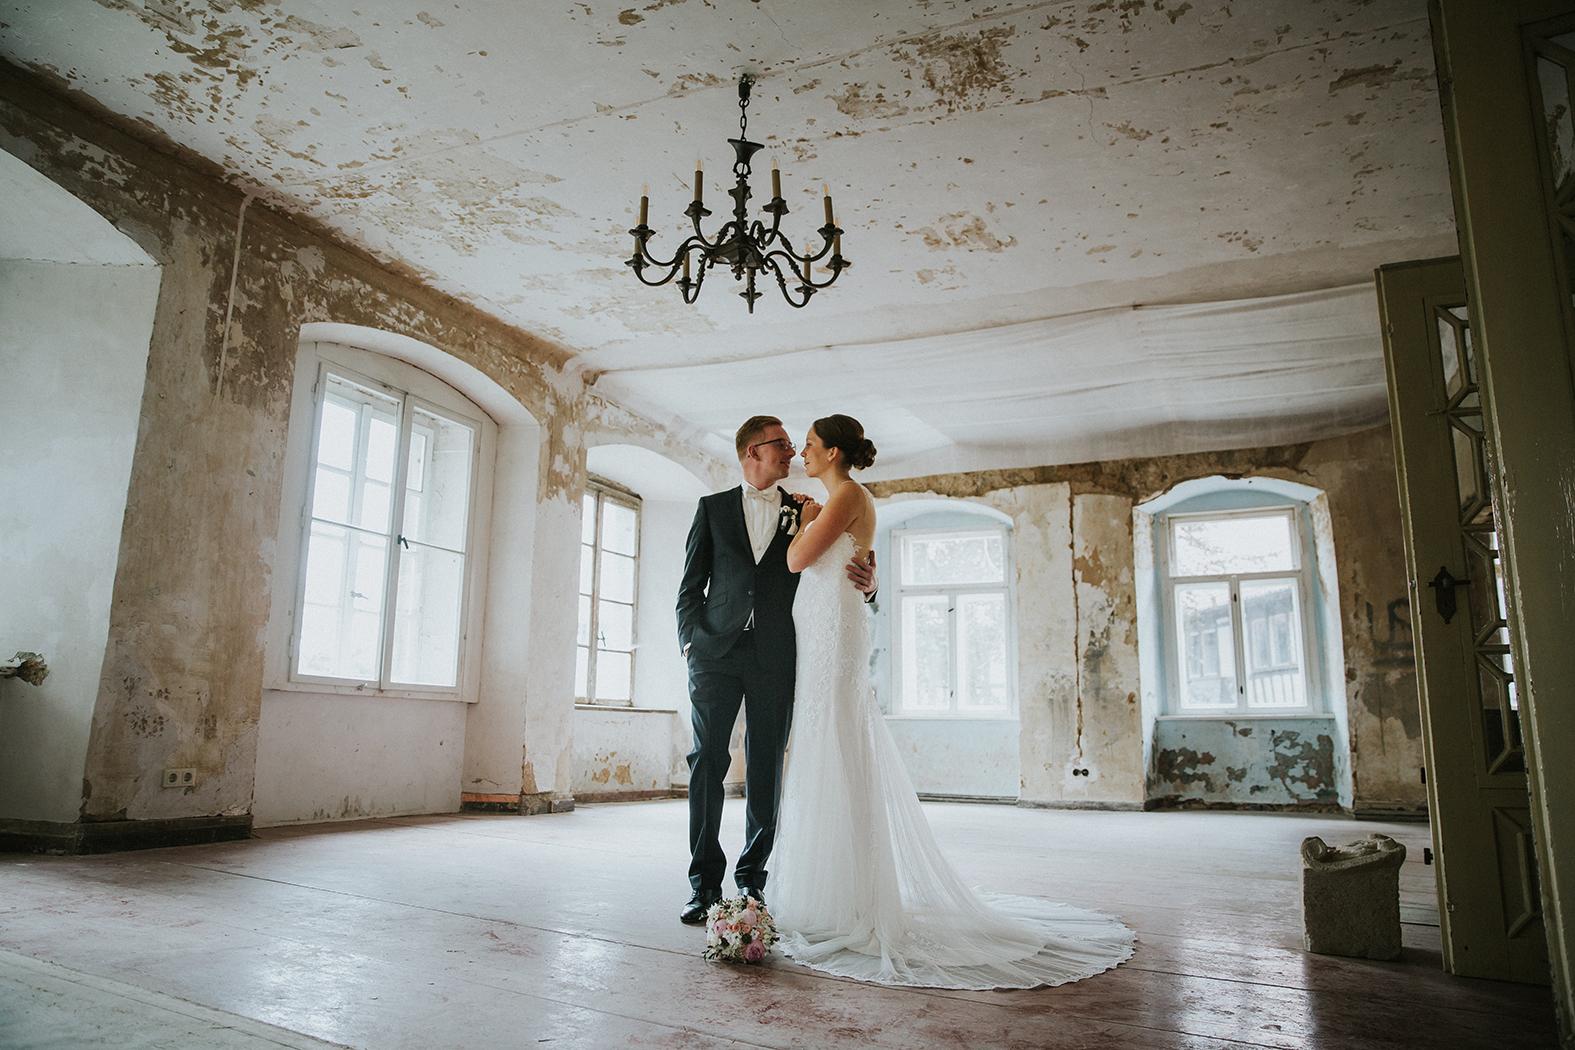 Der Saal und das Brautpaar